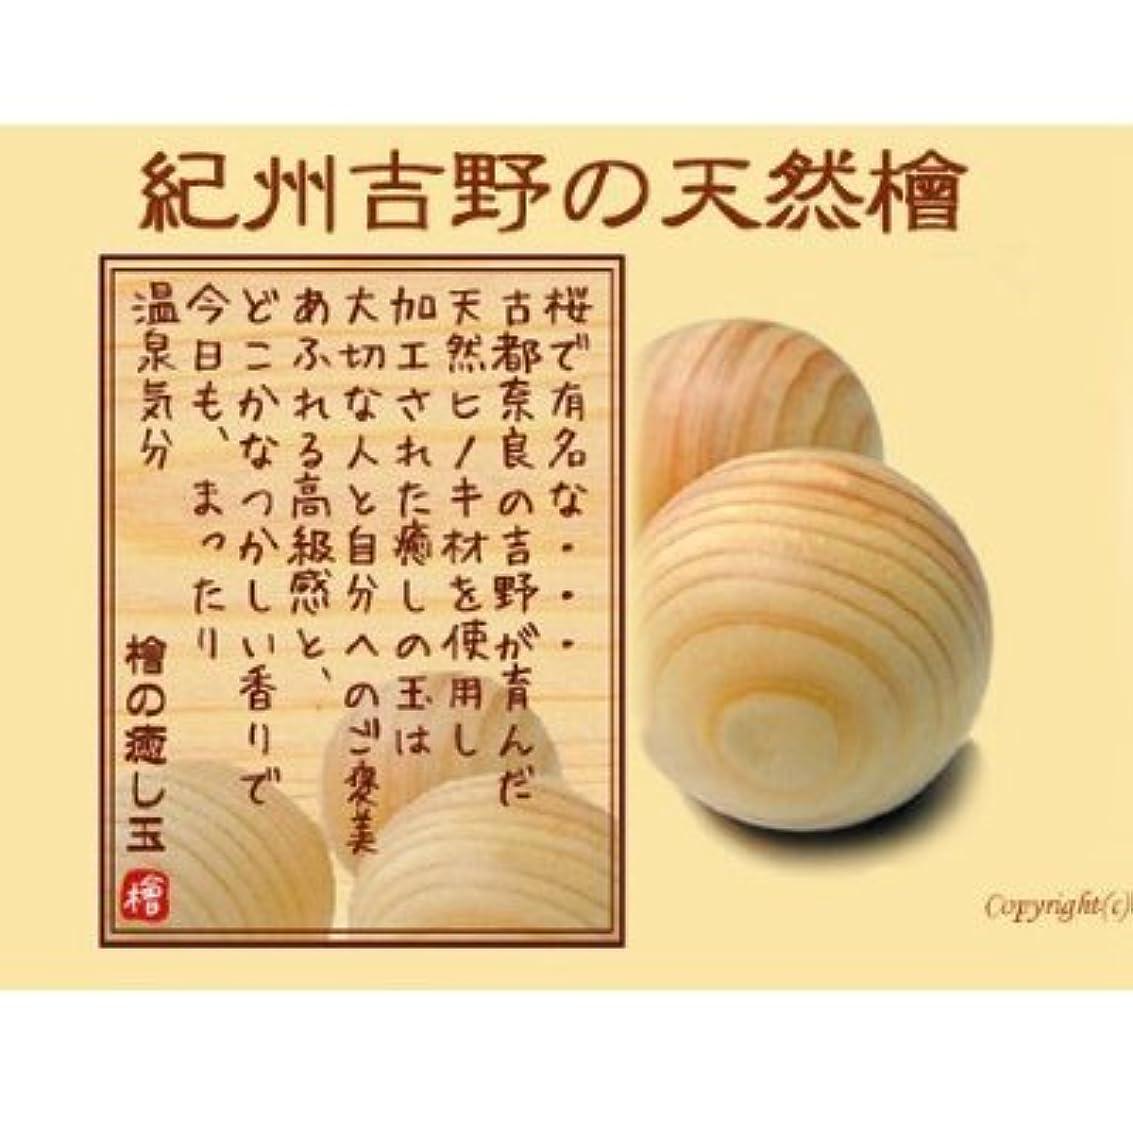 ロマンチックオートメーション馬力古都奈良の吉野が育んだ天然ヒノキ【檜の癒し玉10袋】入浴剤